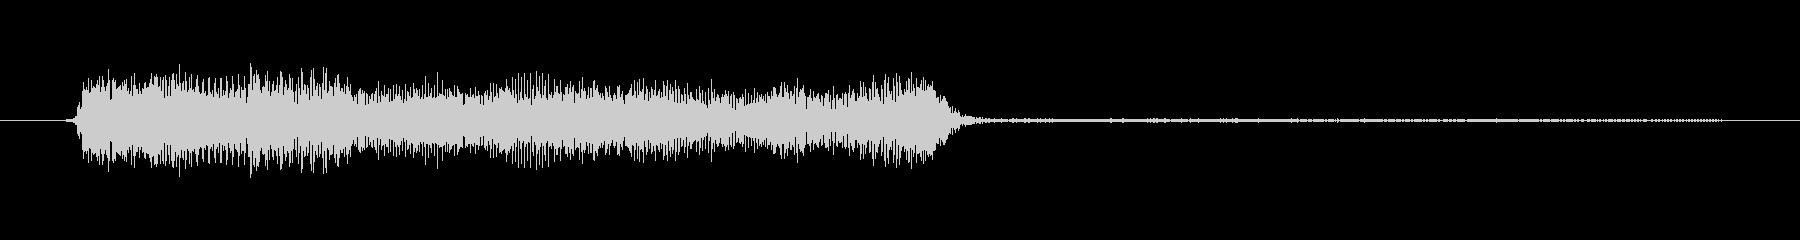 ゲーム、クイズ(ピンポン音)_010の未再生の波形